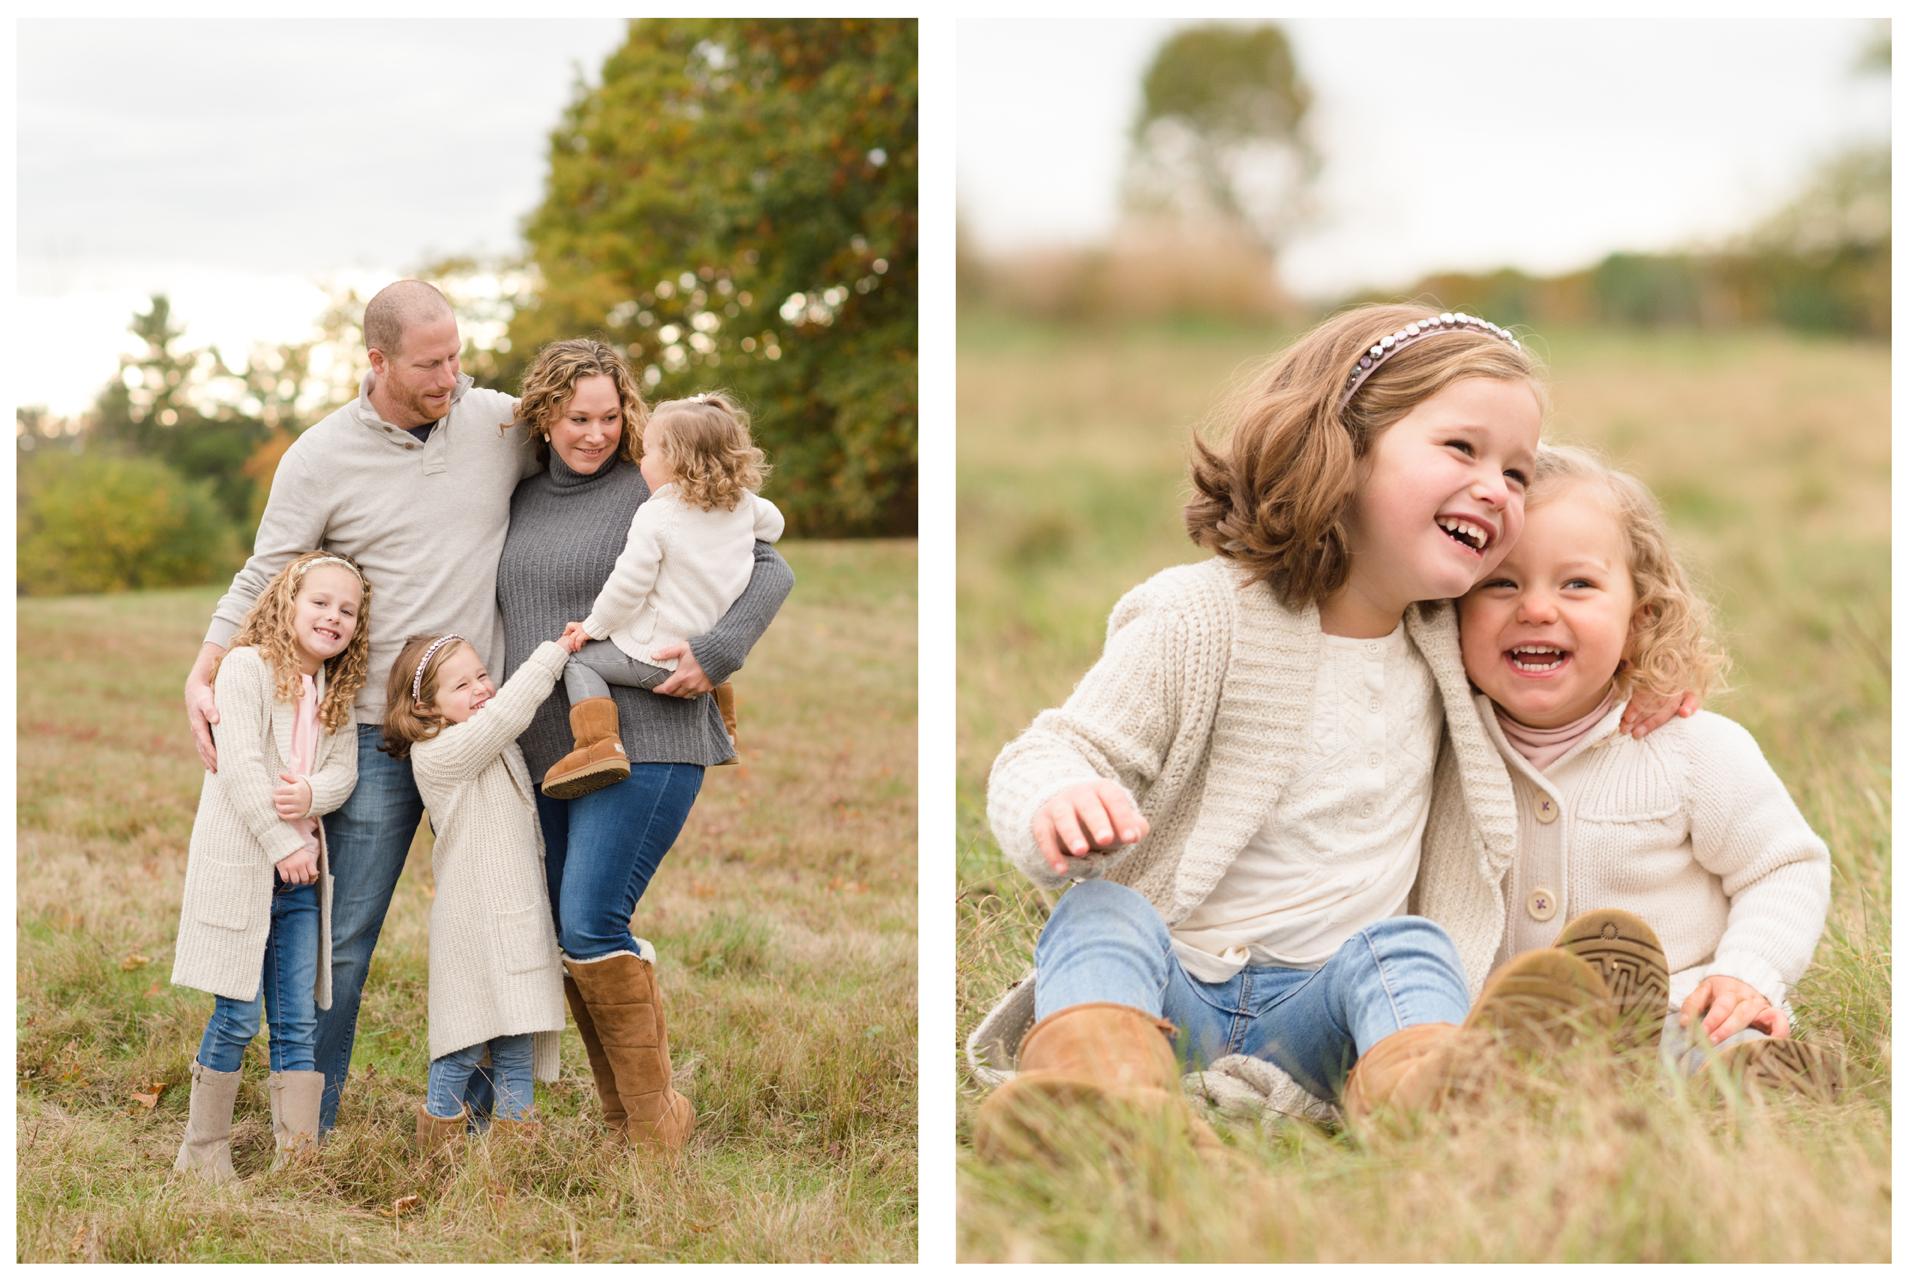 Family-Photographer-Sweet-Light-Portraits86.jpg